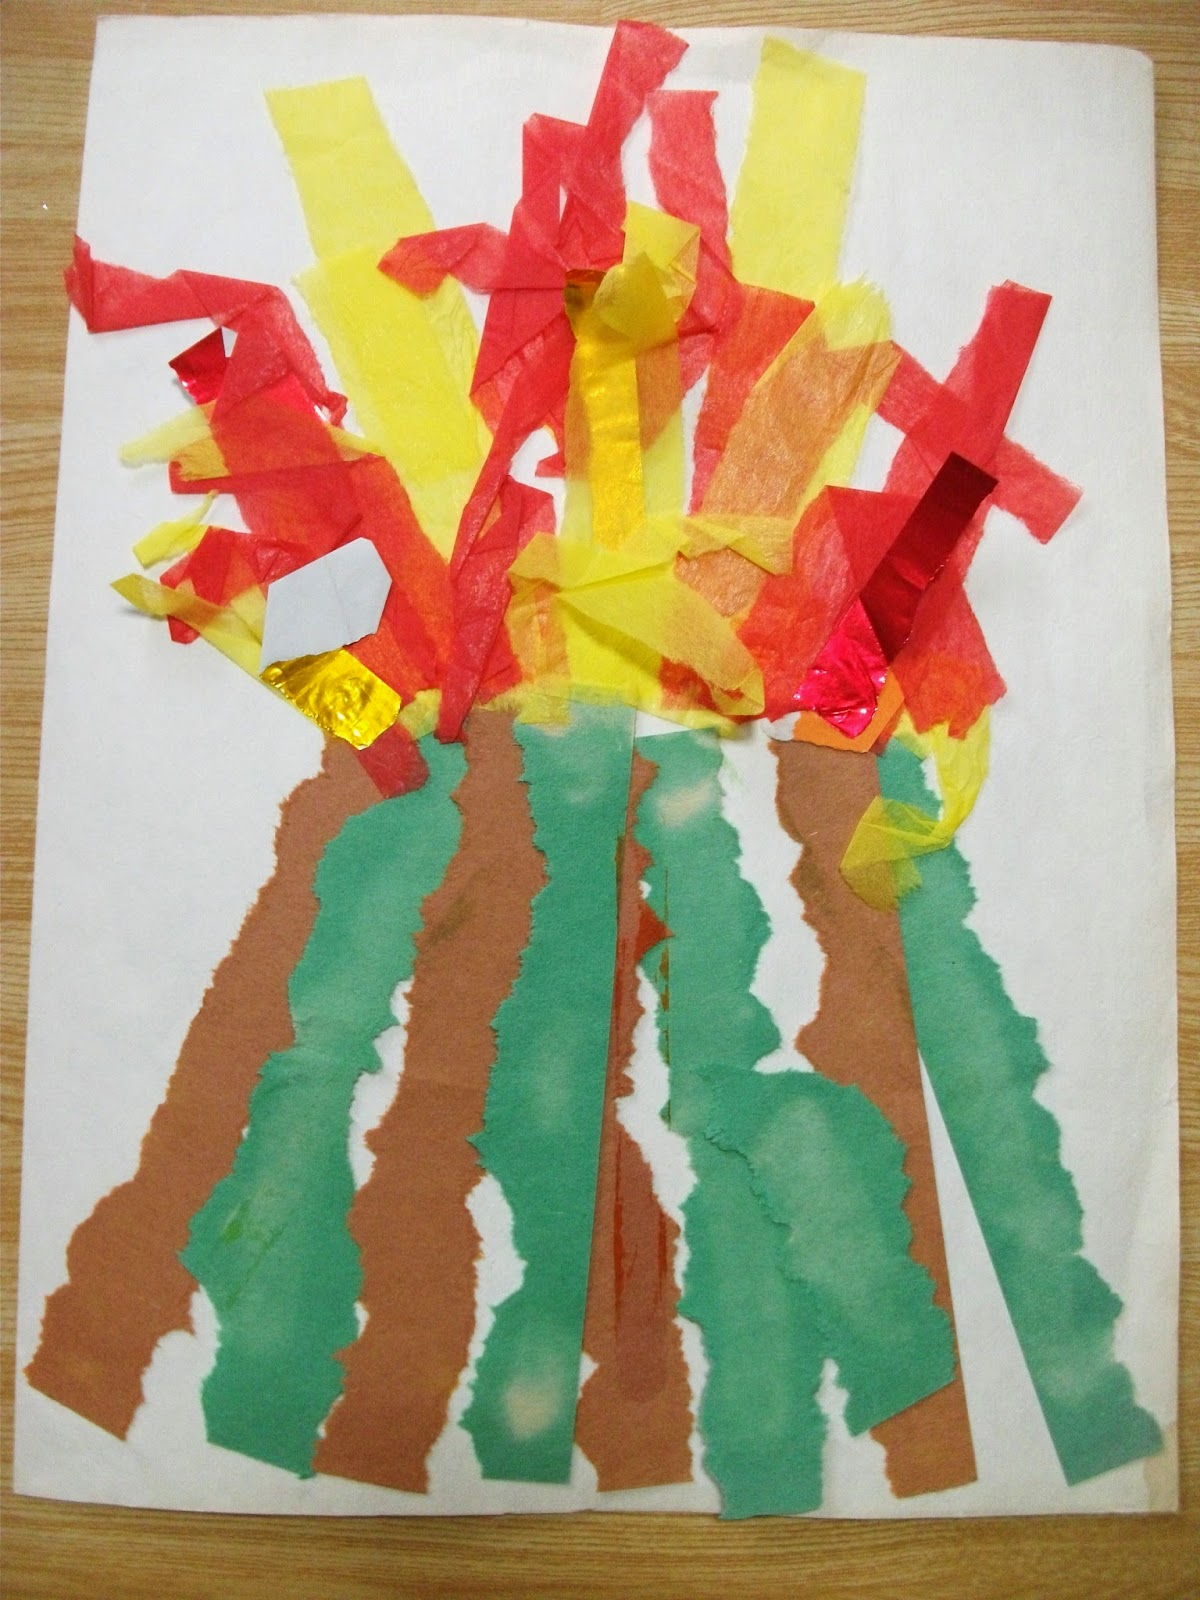 volcano crafts for preschoolers preschool crafts for paper strips volcano craft 765